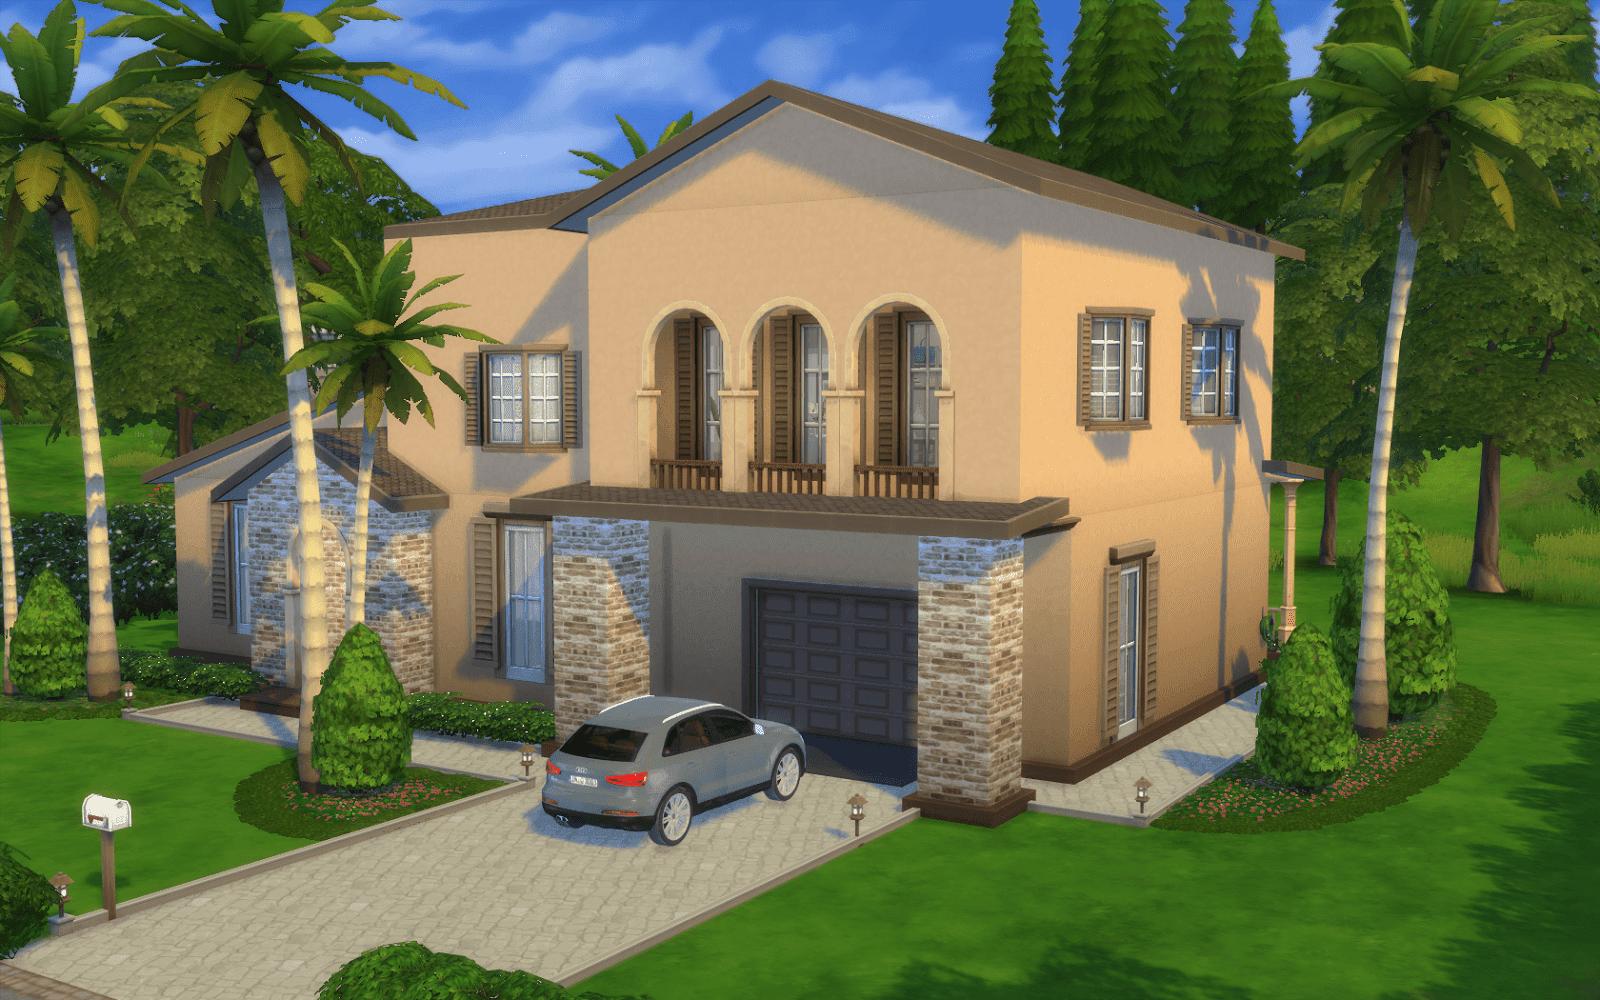 La Typique Sims 4 Cc